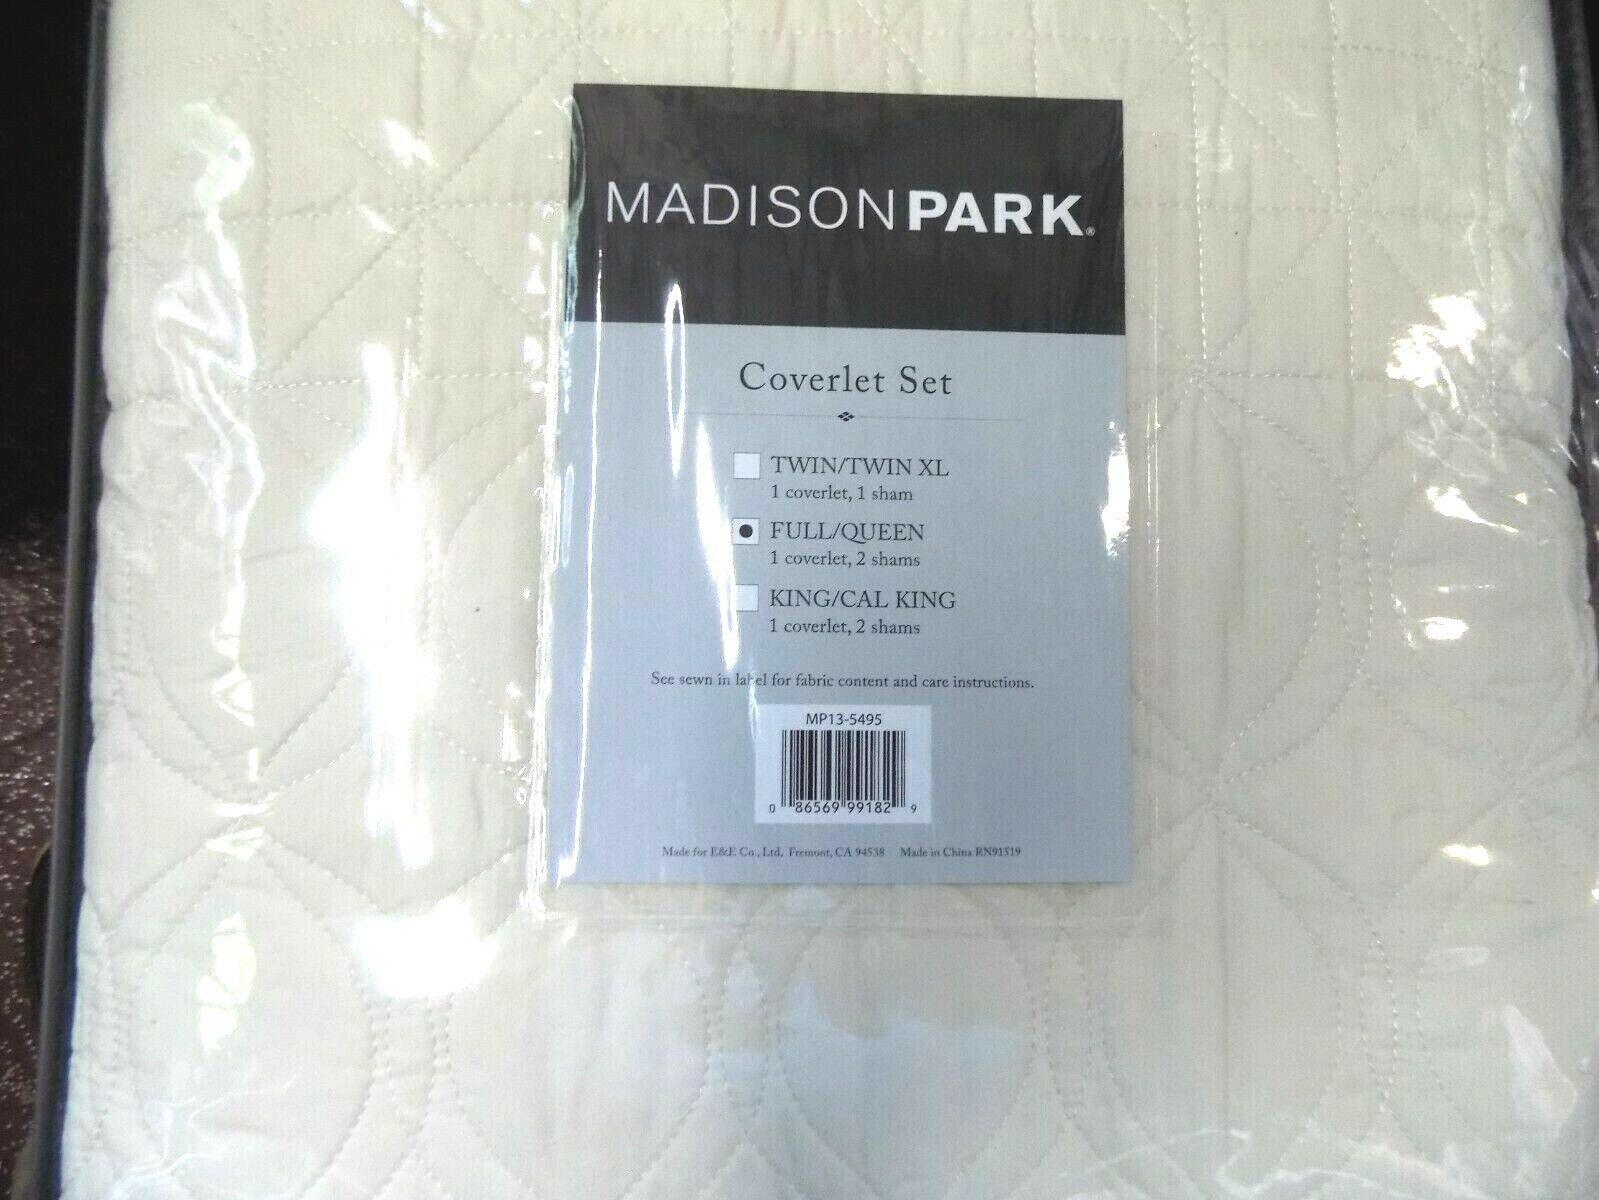 Madison Park Tuscany 3 Piece Coverlet Set